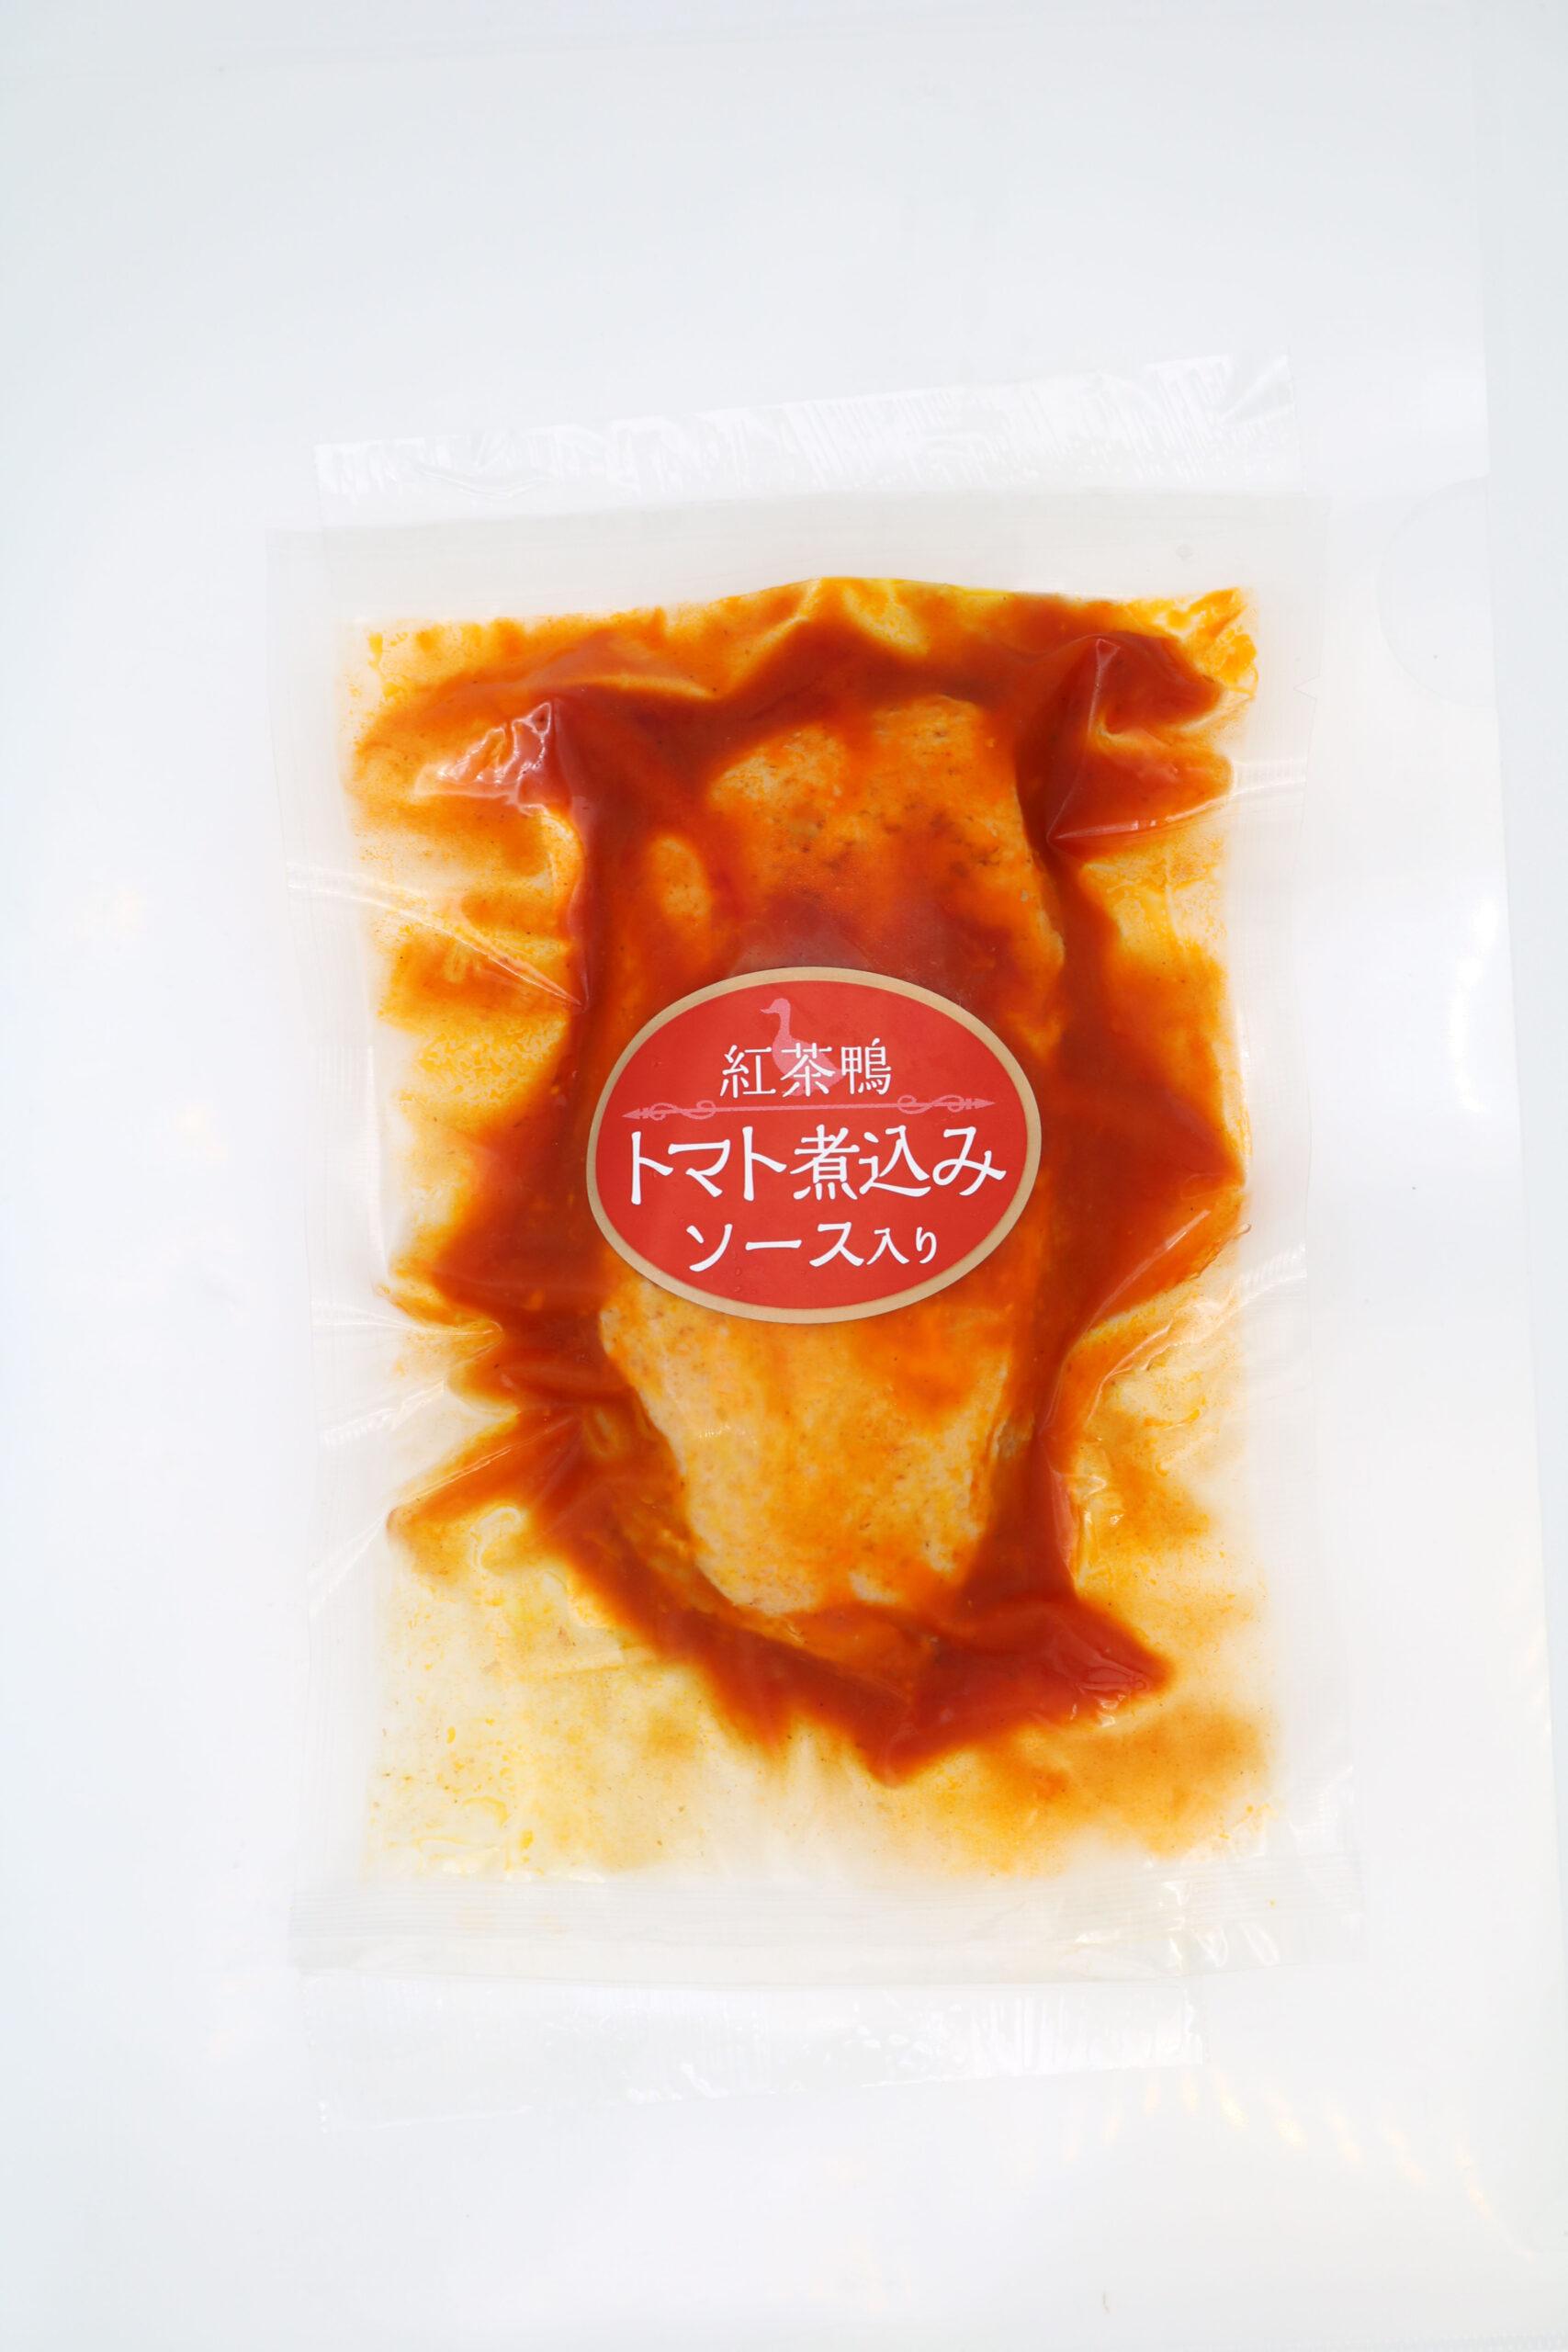 紅茶鴨トマト煮込みソース入り